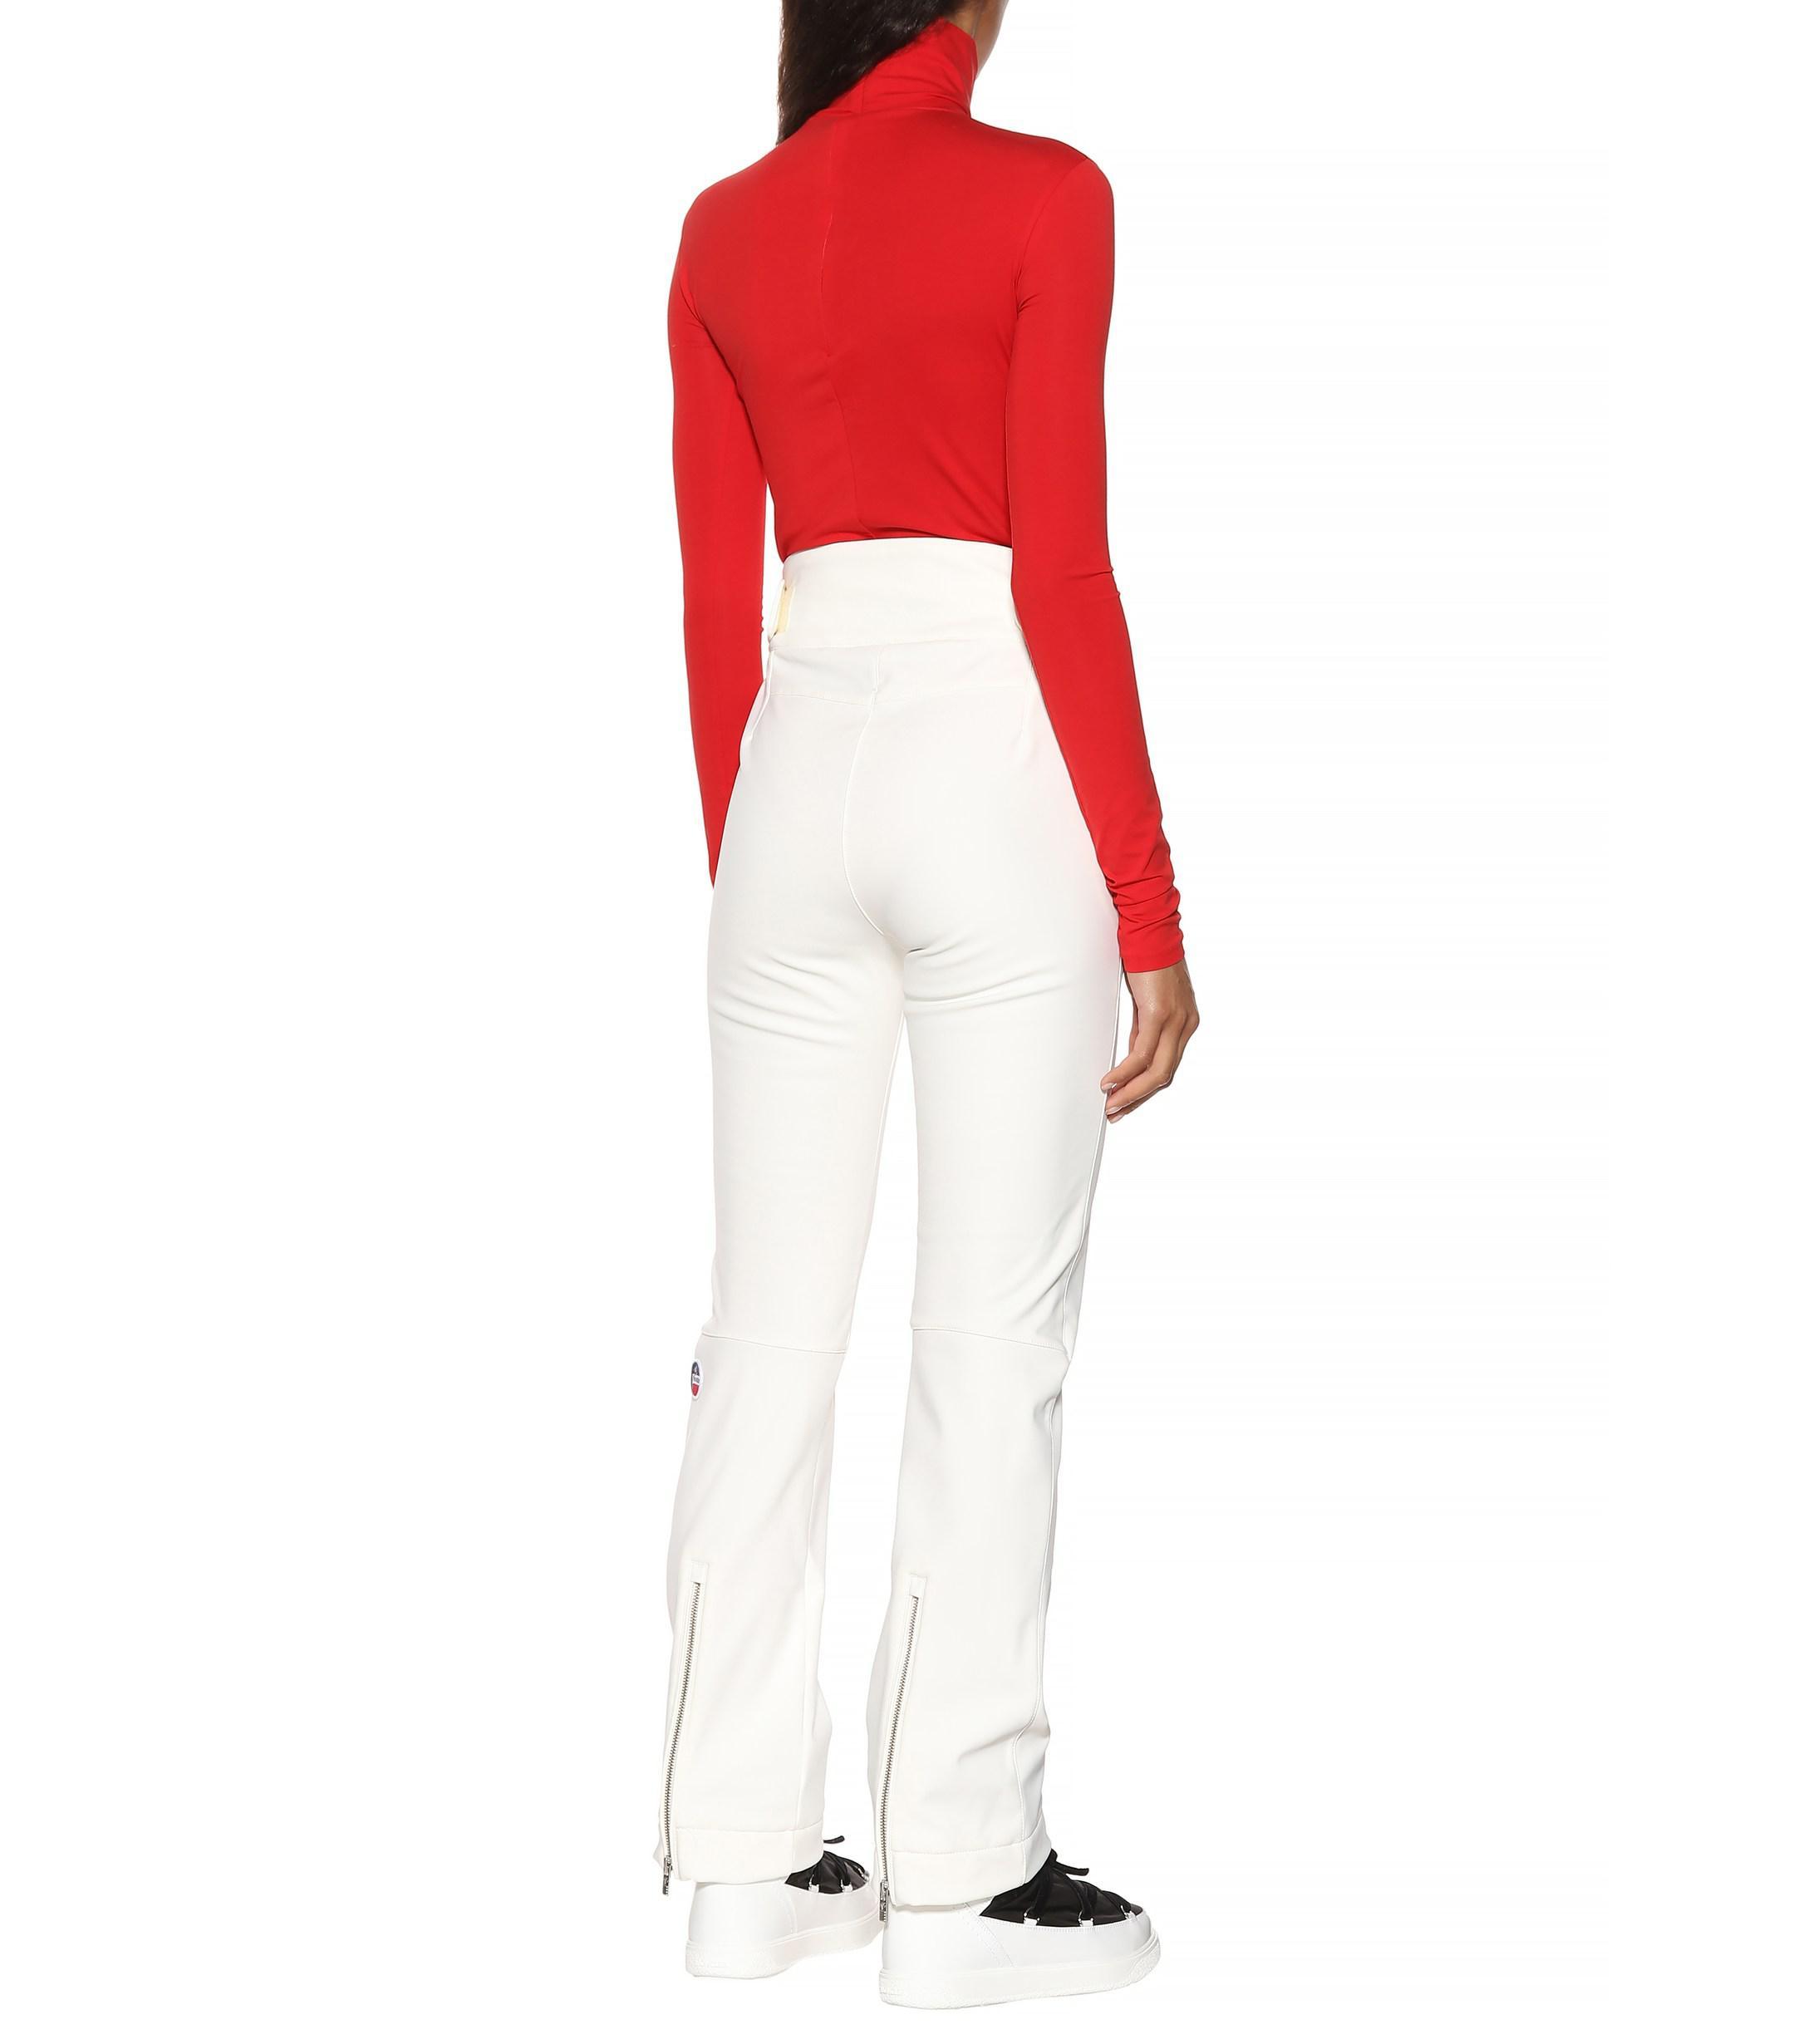 76a00e57d1085d fusalp-white-Vega-Flared-Ski-Pants.jpeg